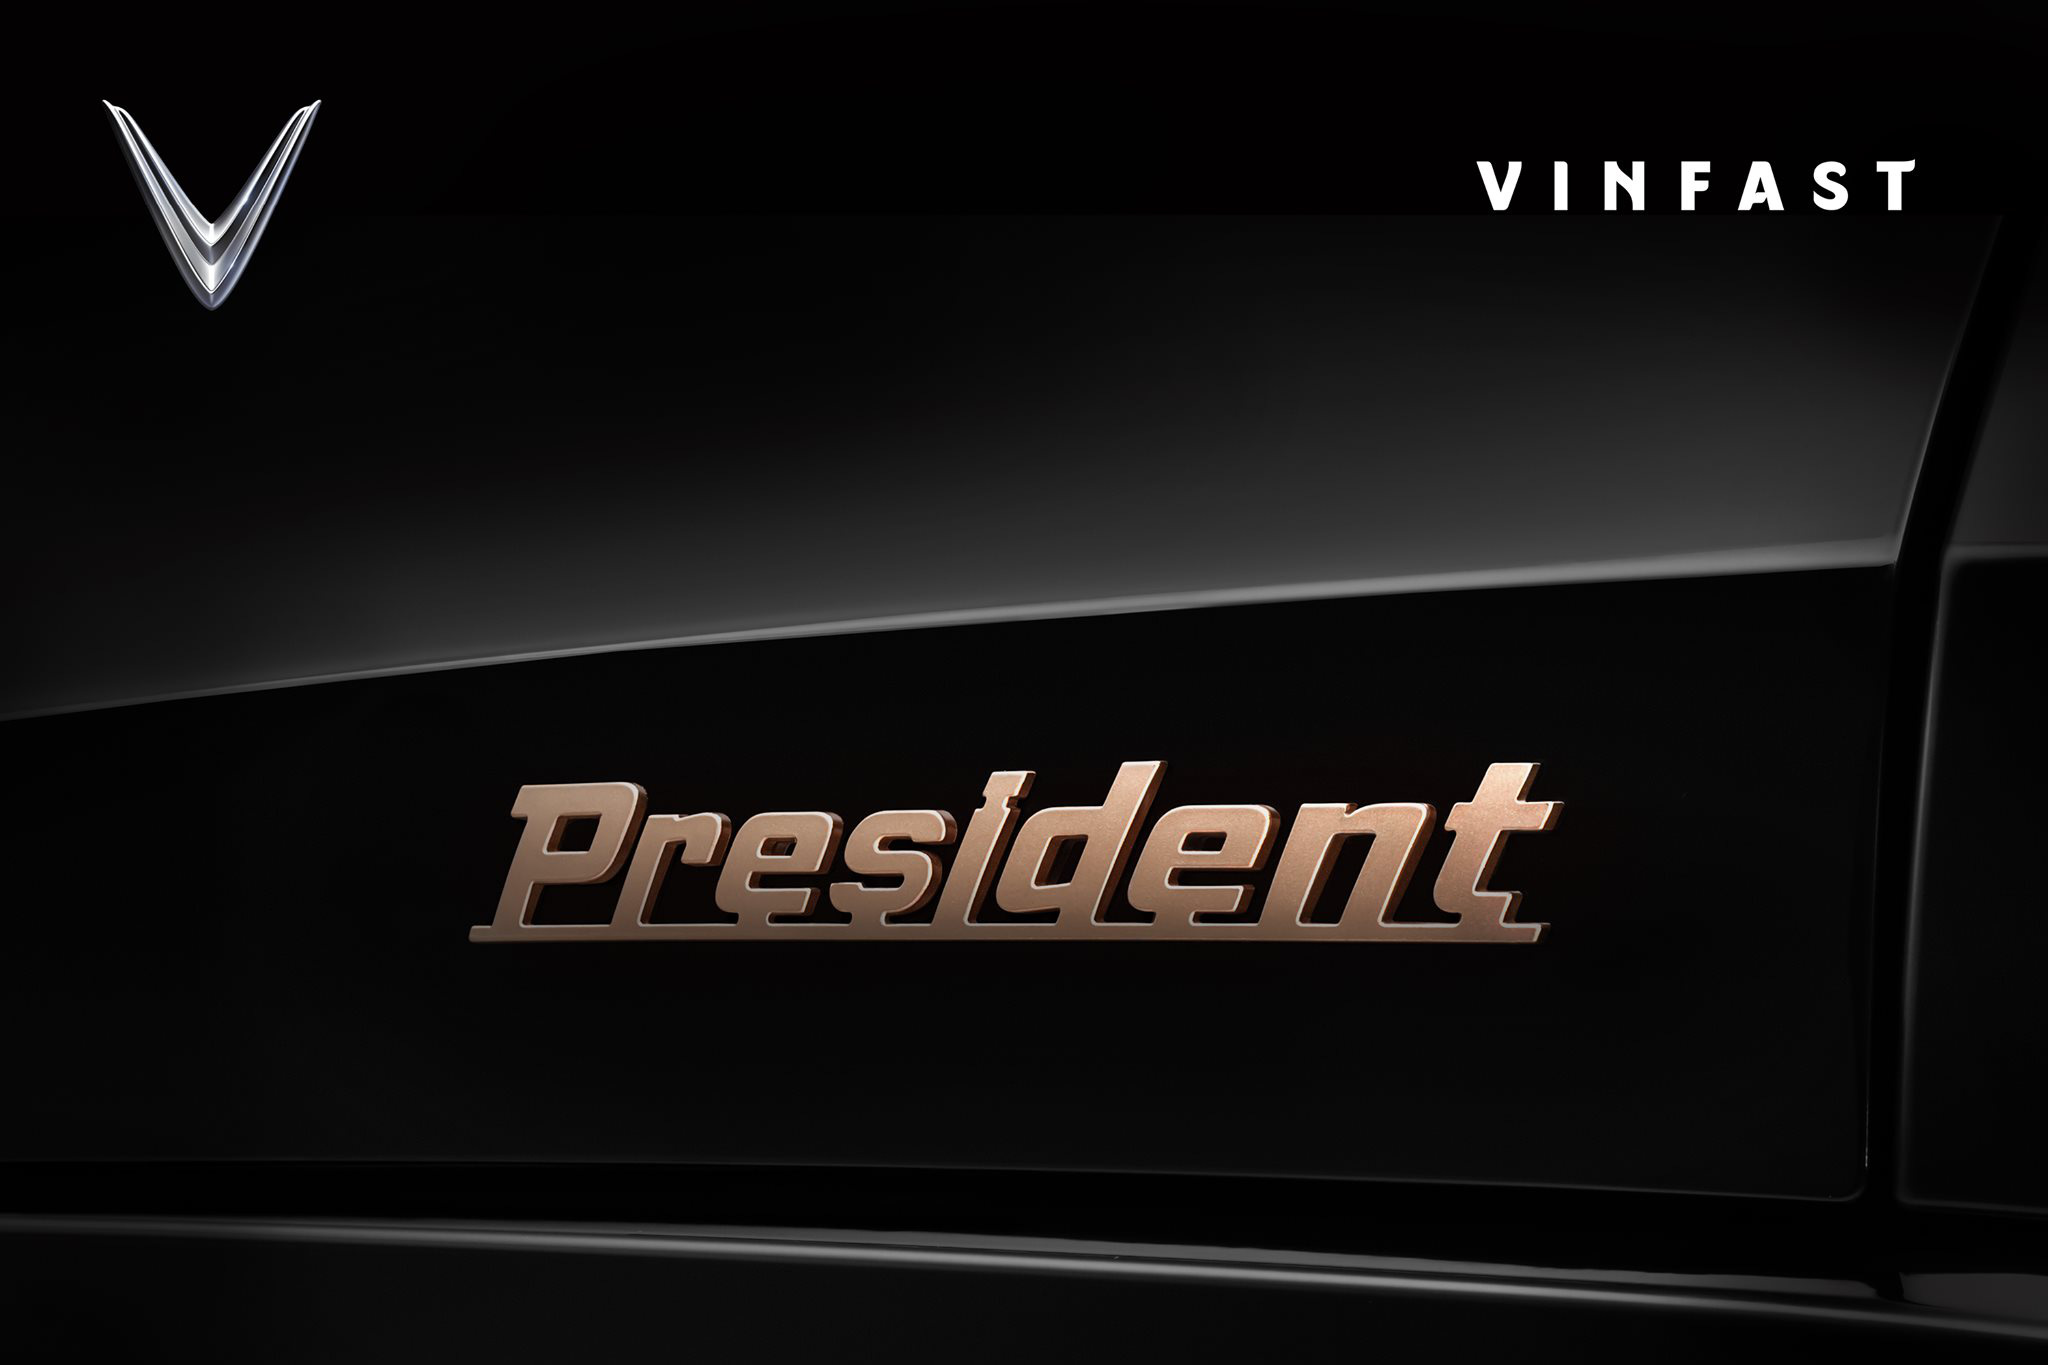 Vinfast bật mí mẫu xe sử dụng động cơ V8 sắp ra mắt tại Việt Nam